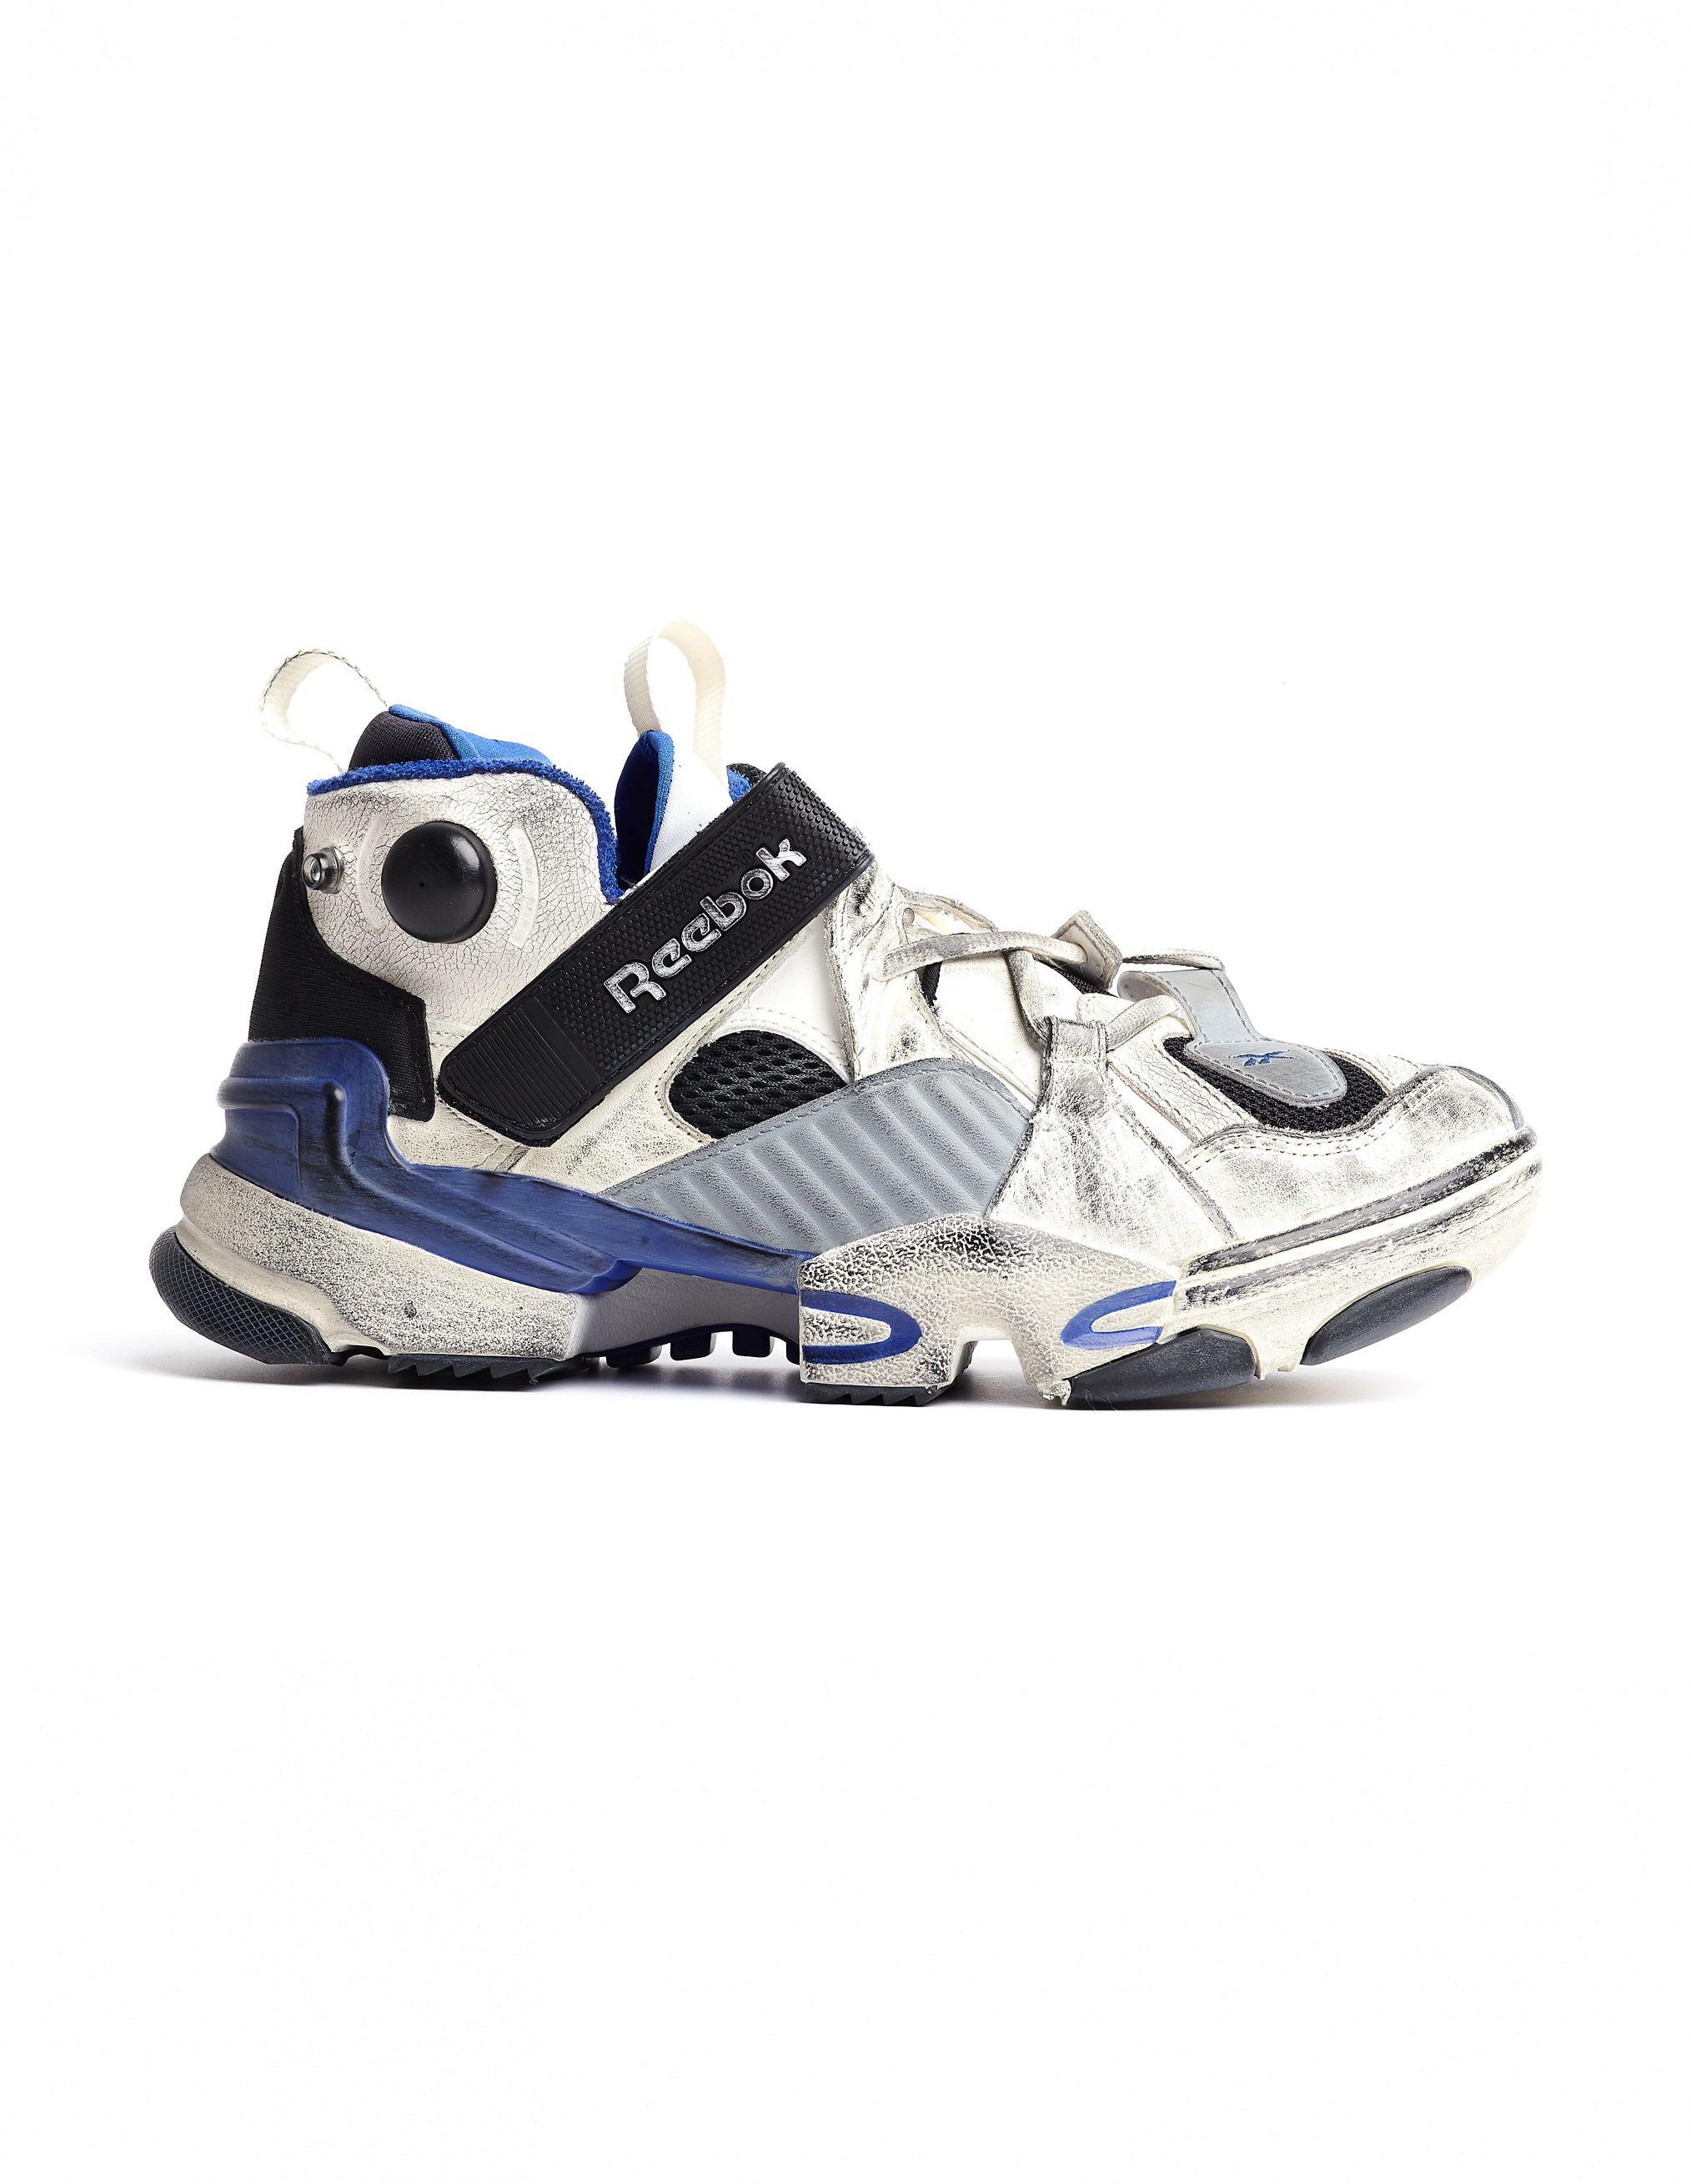 1ee90fe91742 VETEMENTS REEBOK GENETICALLY MODIFIED SNEAKERS.  vetements  shoes ...